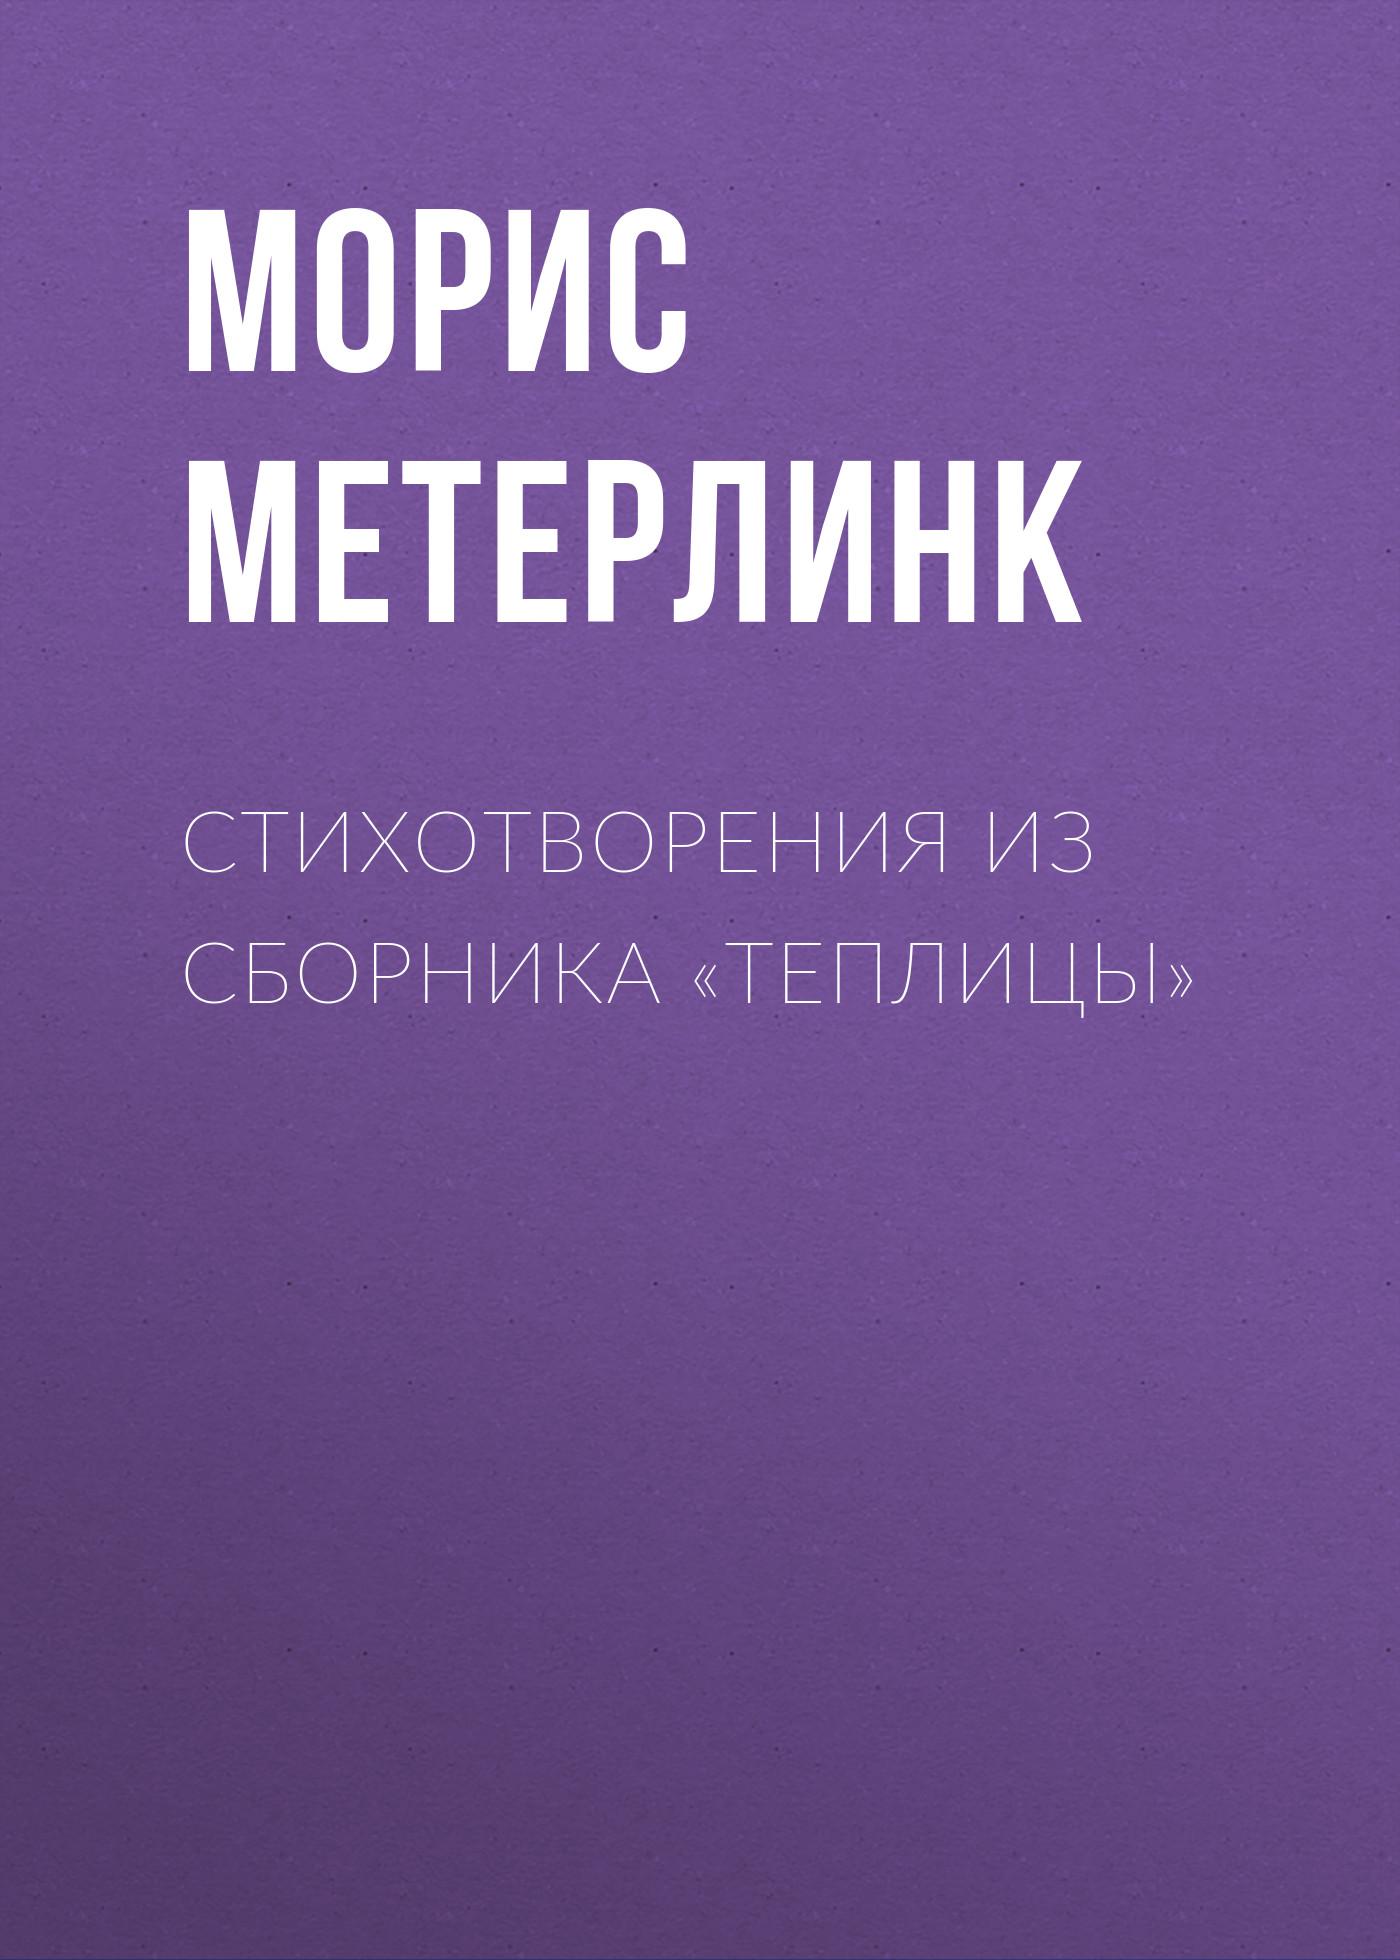 Морис Метерлинк Стихотворения из сборника «»